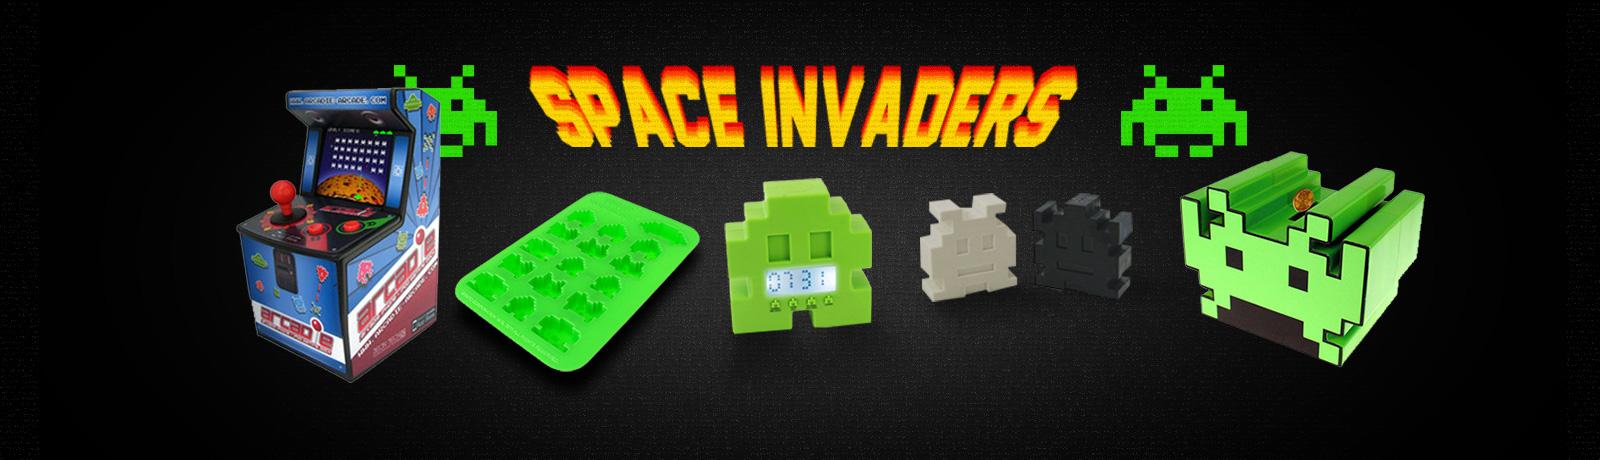 Les idées cadeaux Space Invaders sont Geek et Fun.